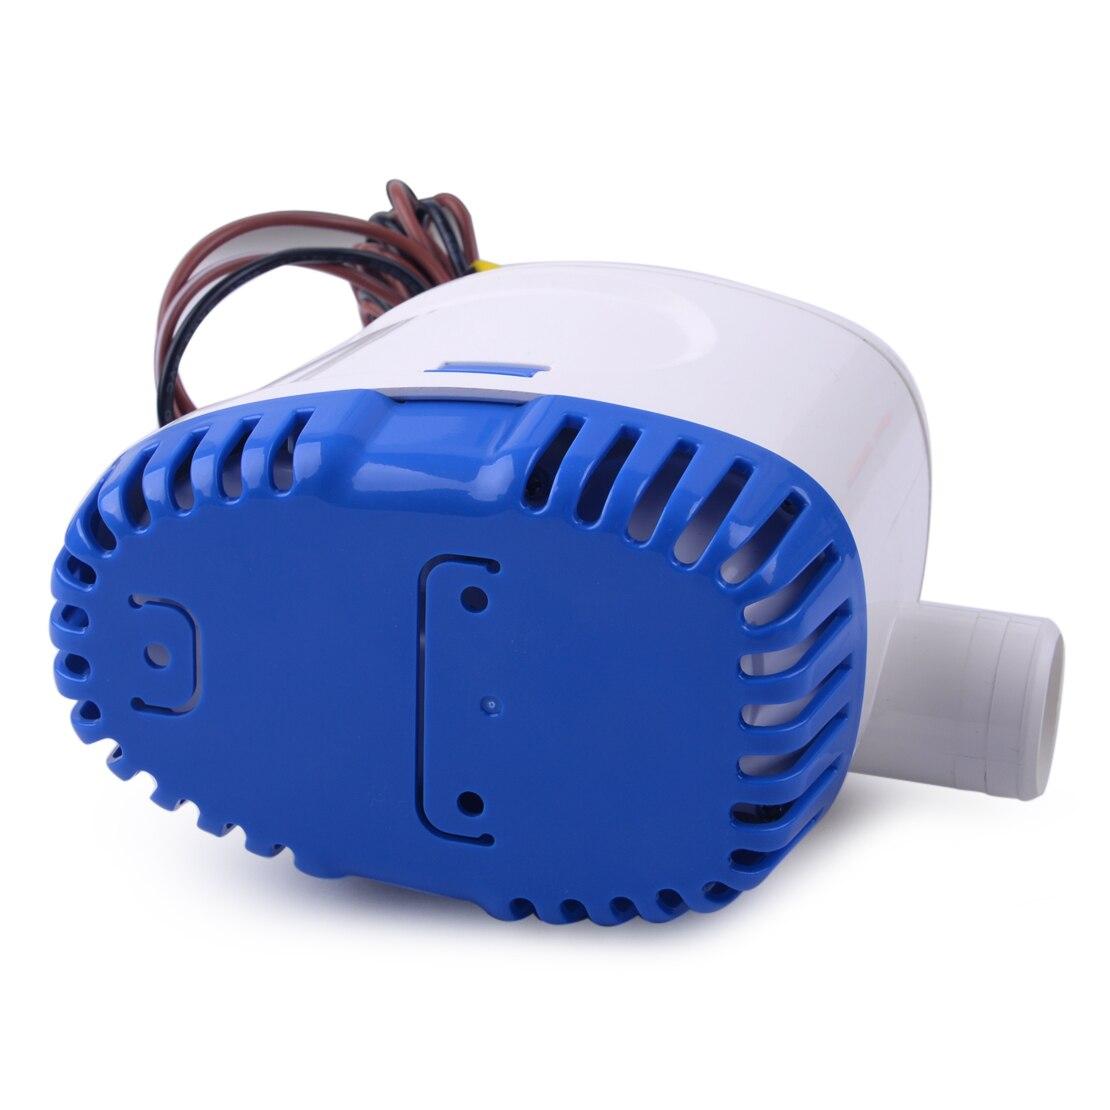 Pompe à eau automatique Submersible automatique de cale de CITALL 12 V 1100GPH 3.2A avec le commutateur de flotteur pour les coques marines de bateau/réservoirs d'appât de cale - 2